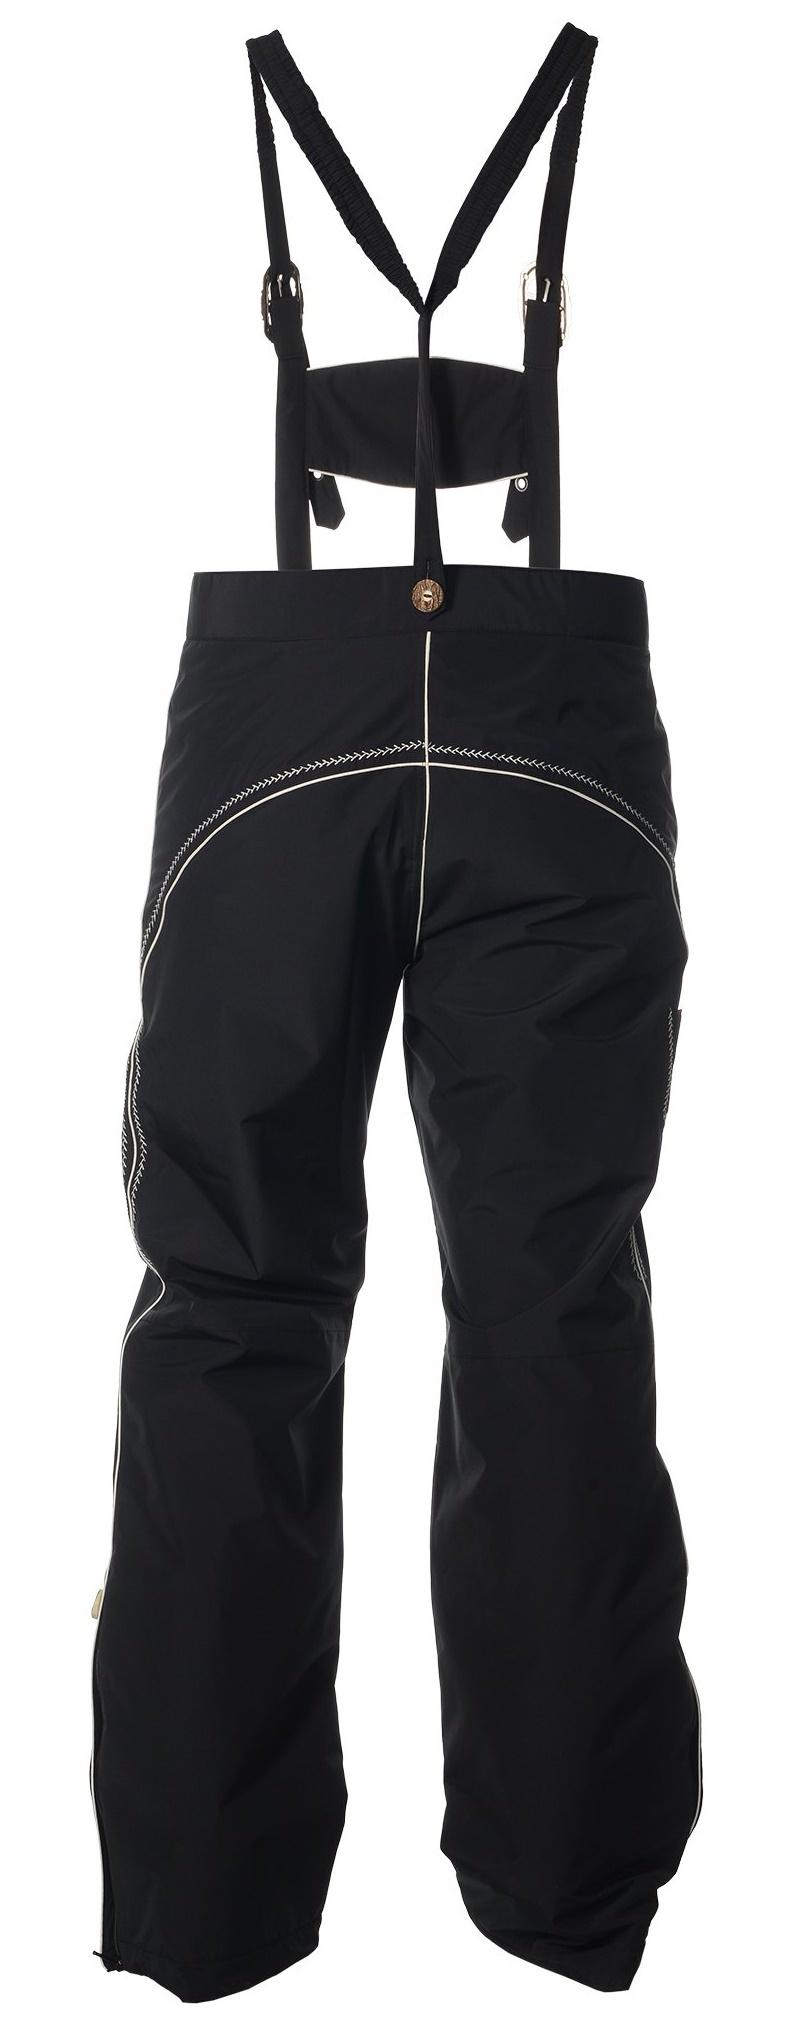 Женские горнолыжные брюки Lois Almrausch от австрийского бренда